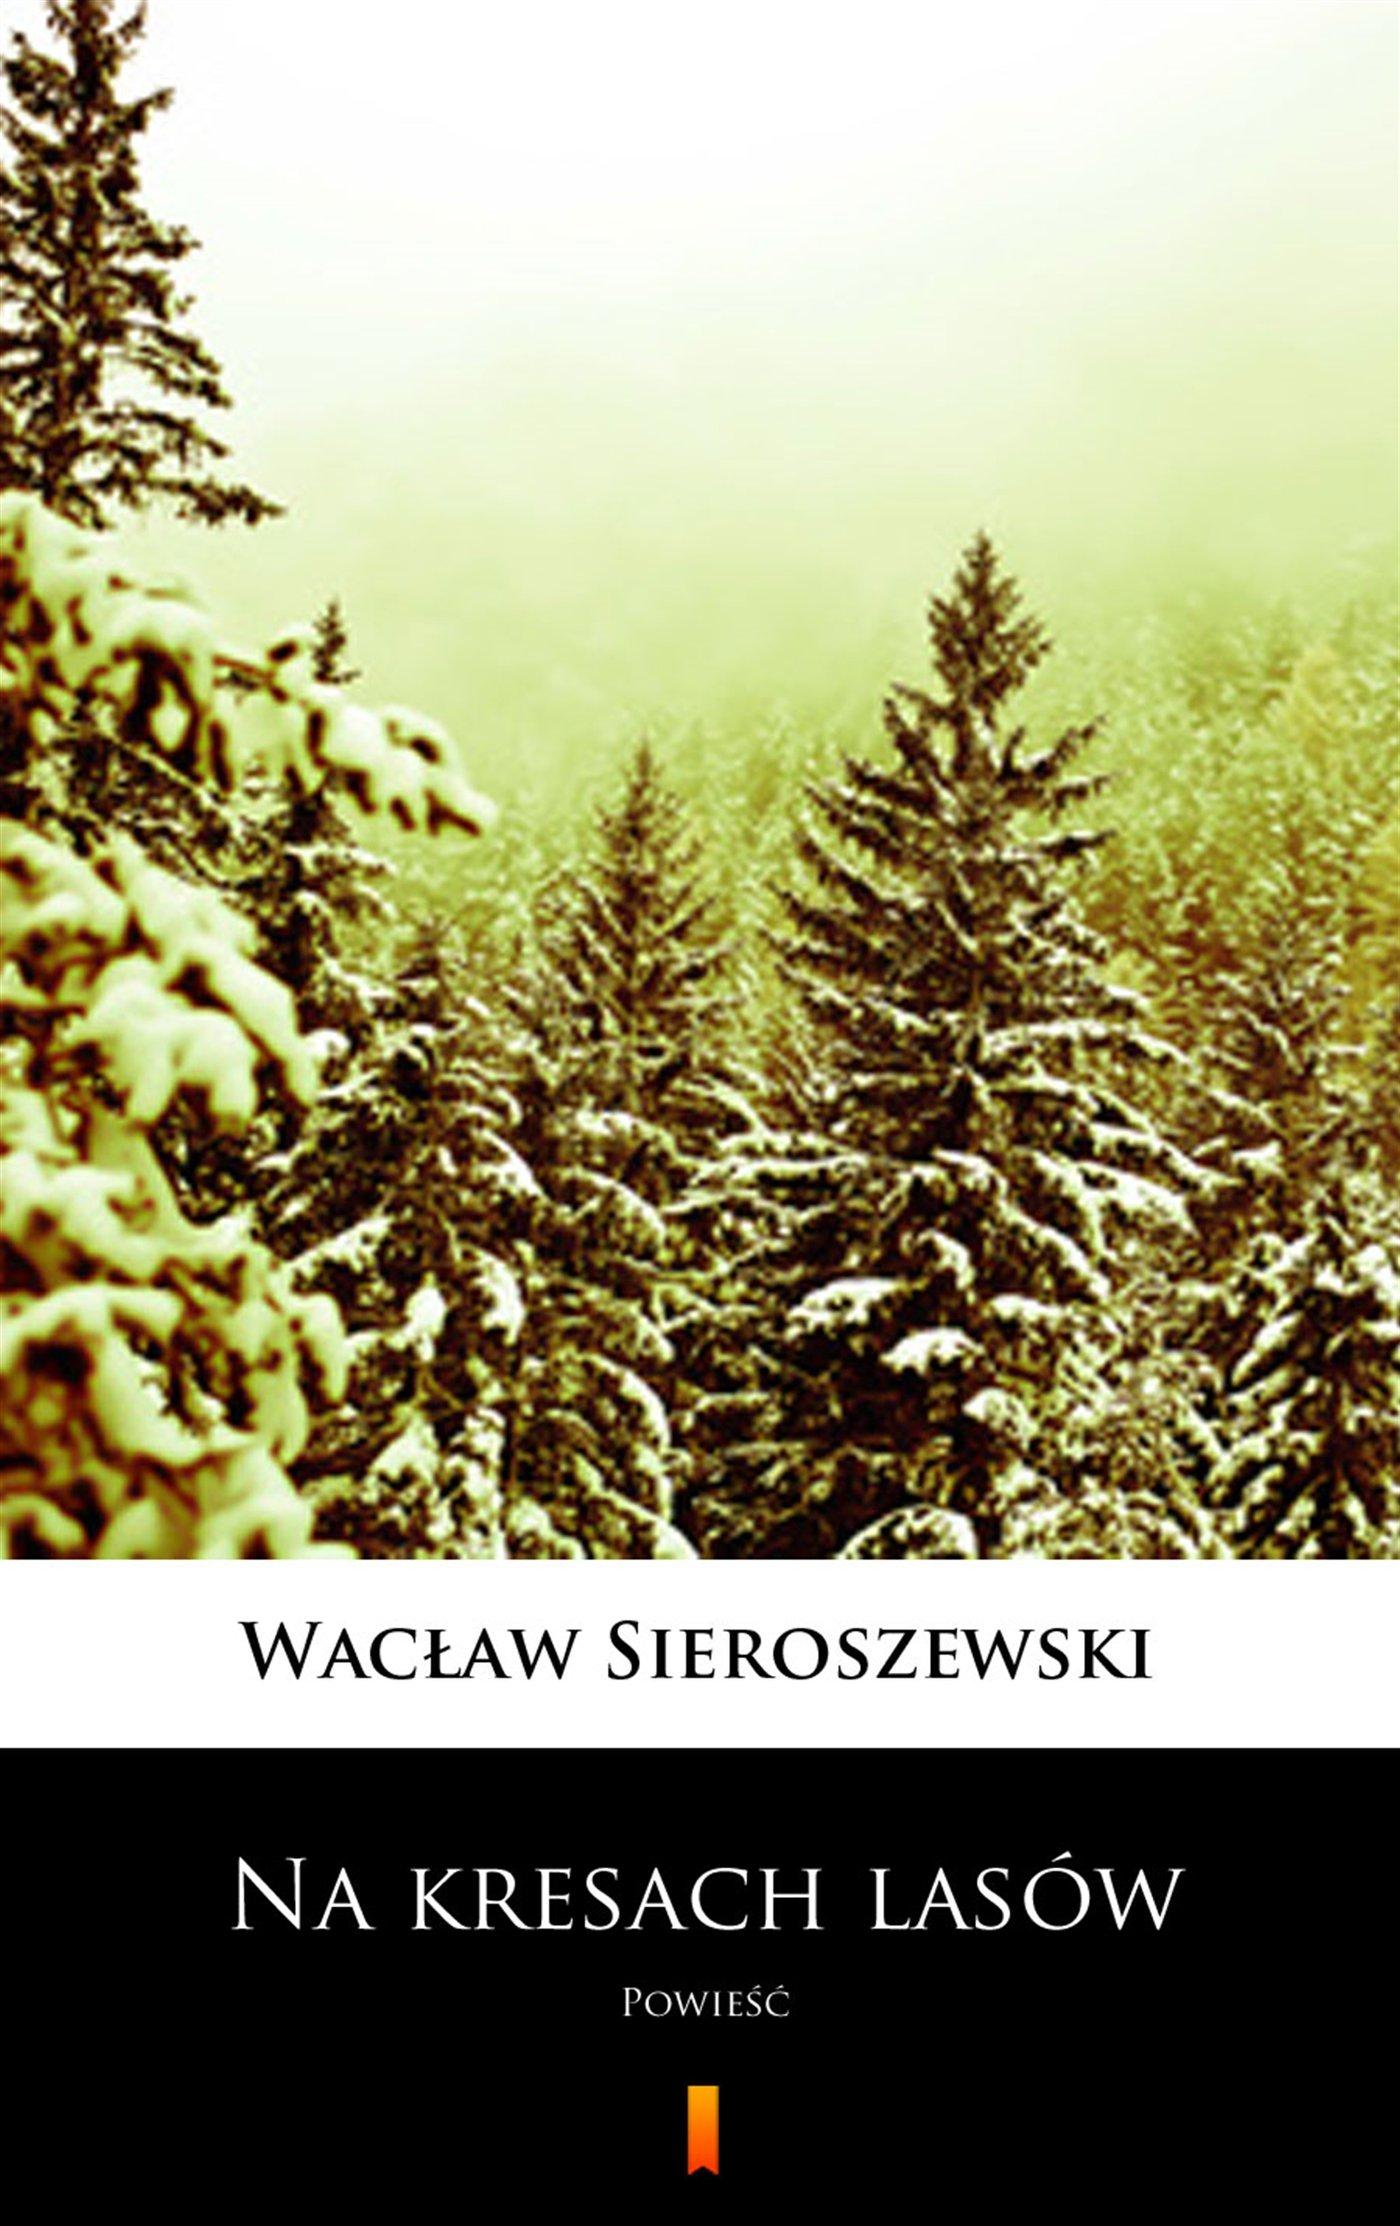 Na kresach lasów - Ebook (Książka EPUB) do pobrania w formacie EPUB